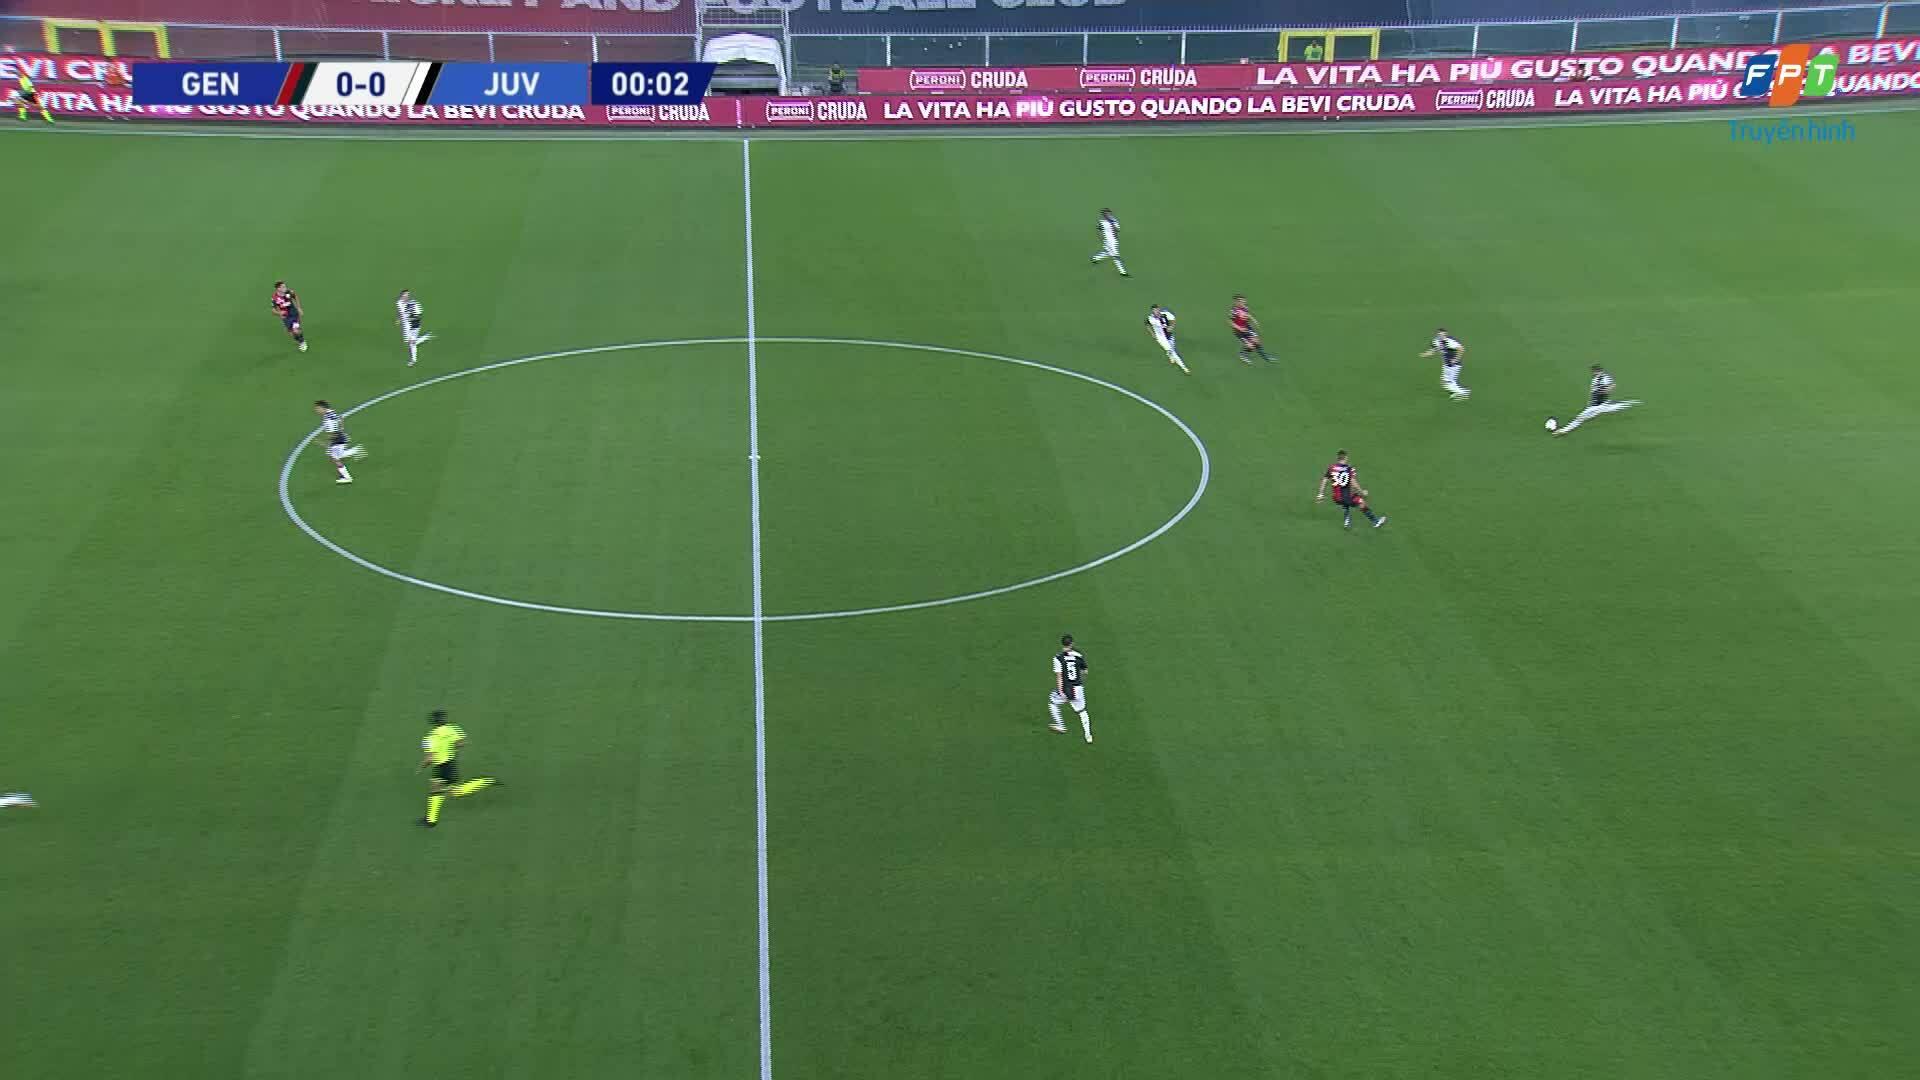 Genoa 1-3 Juventus